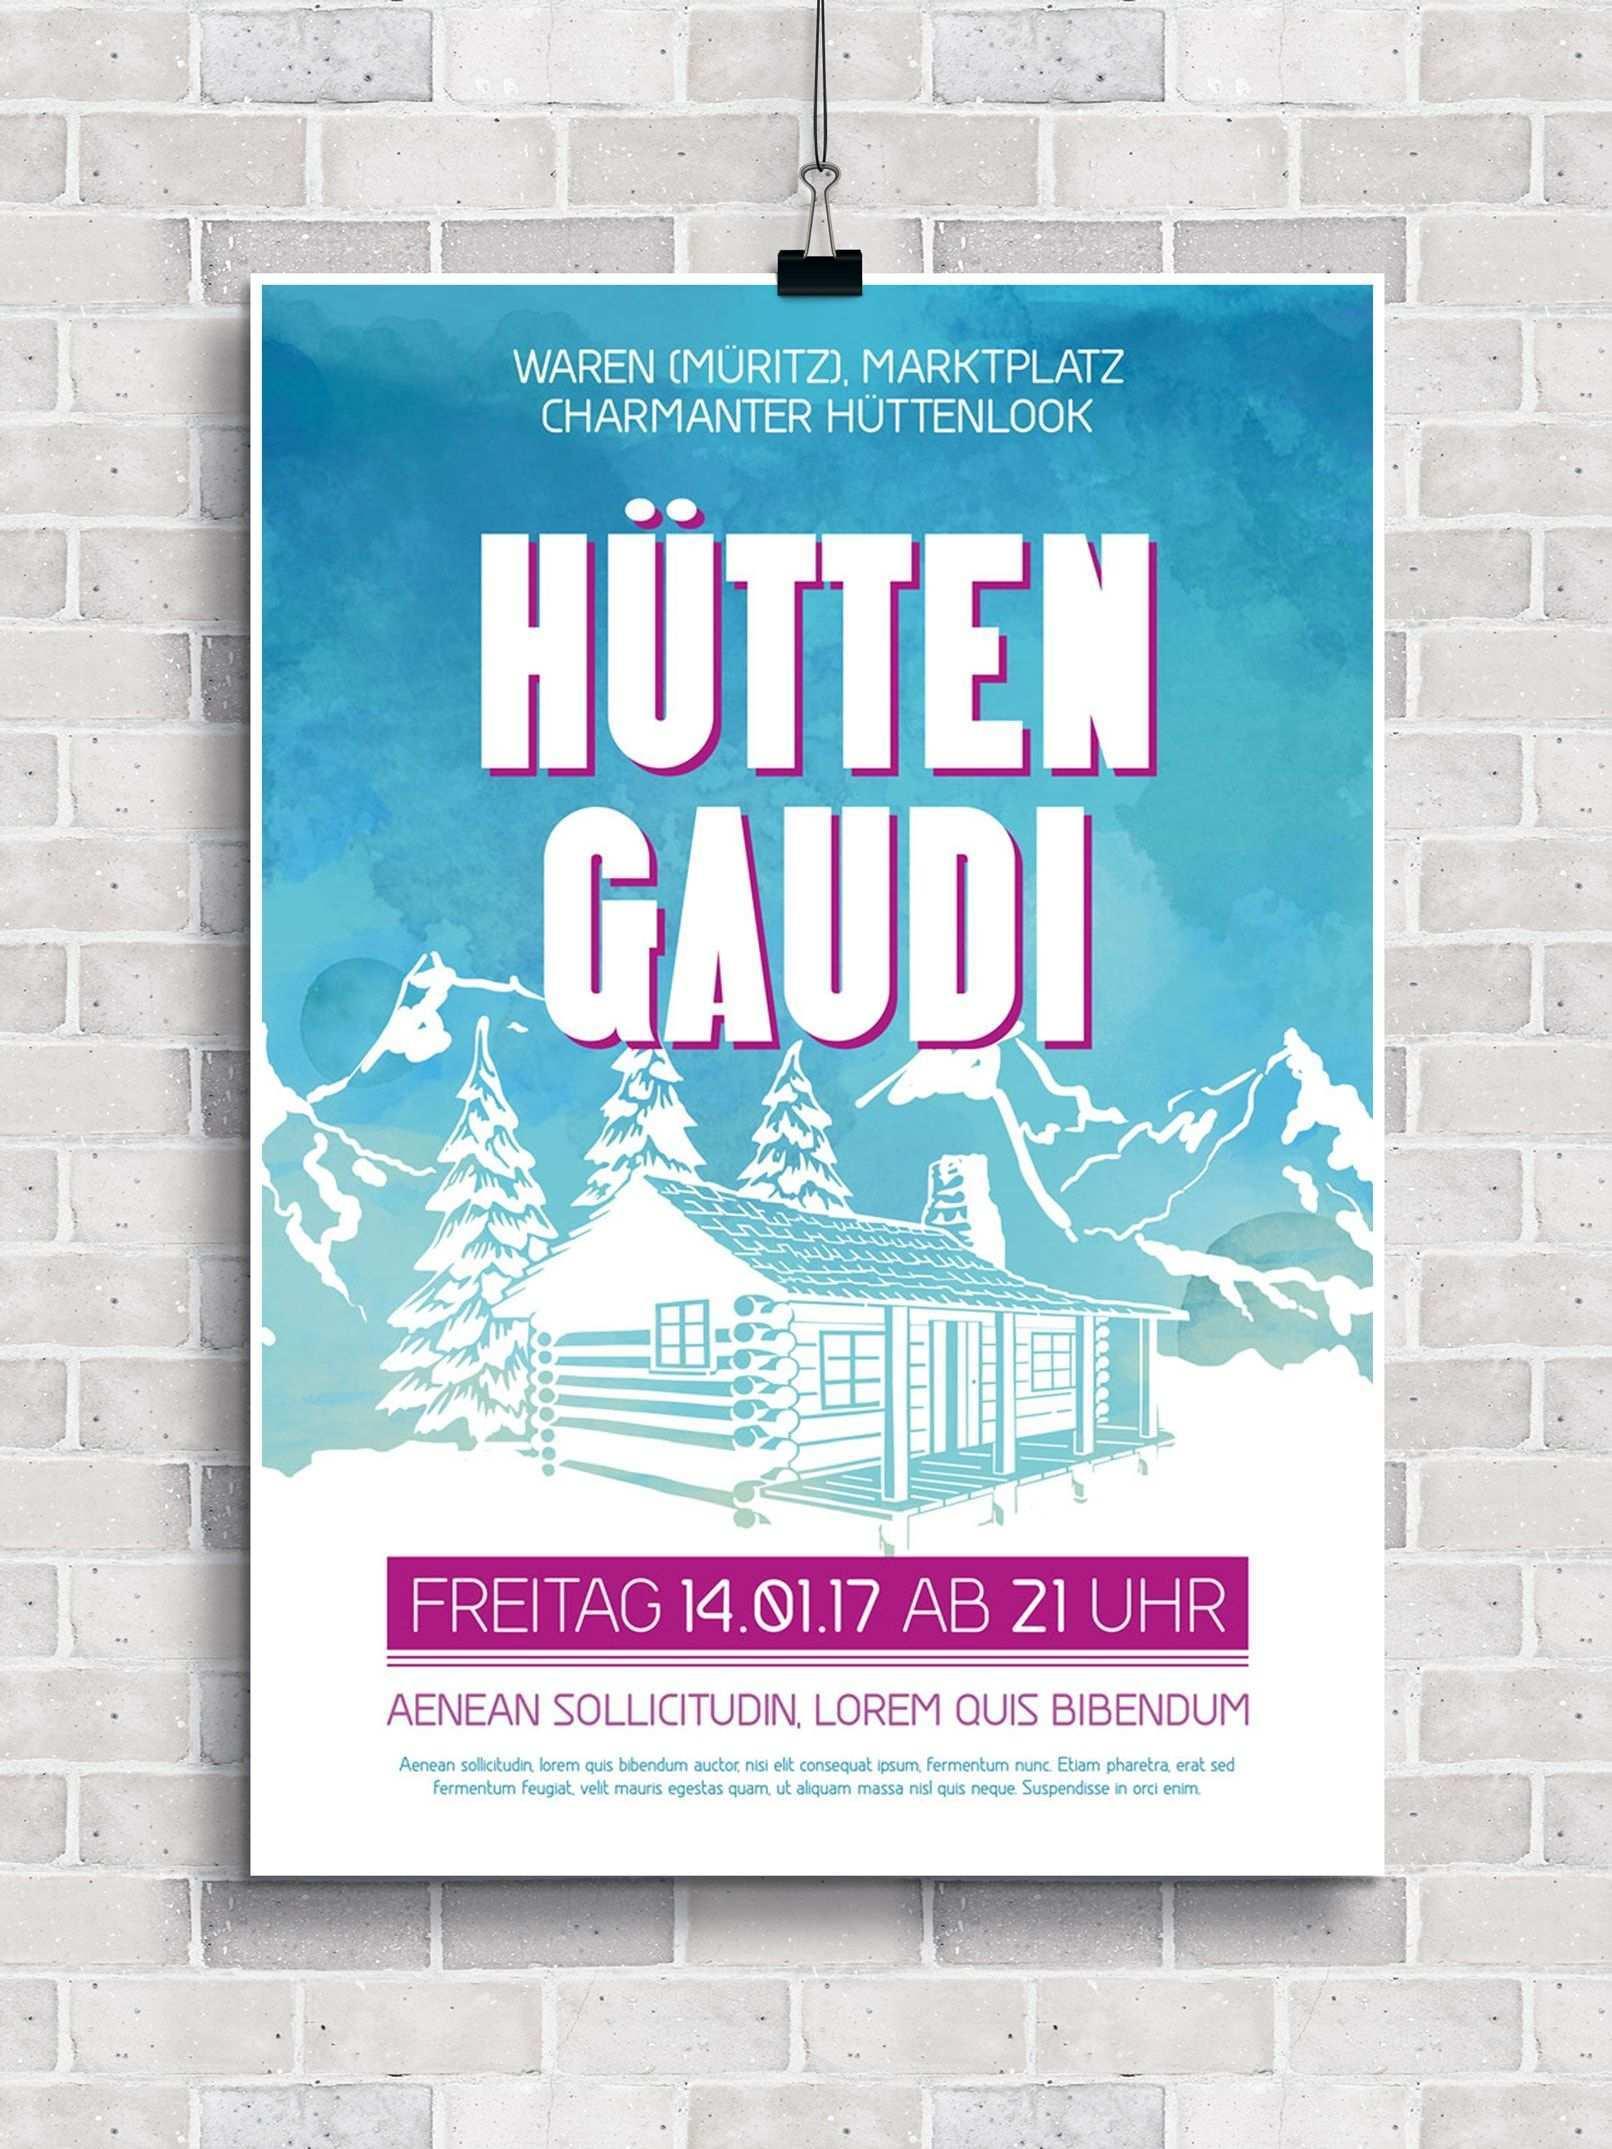 Flyer Vorlagen Fur Apres Ski Party Und Huttengaudi Flyer Vorlage Flyer Gaudi